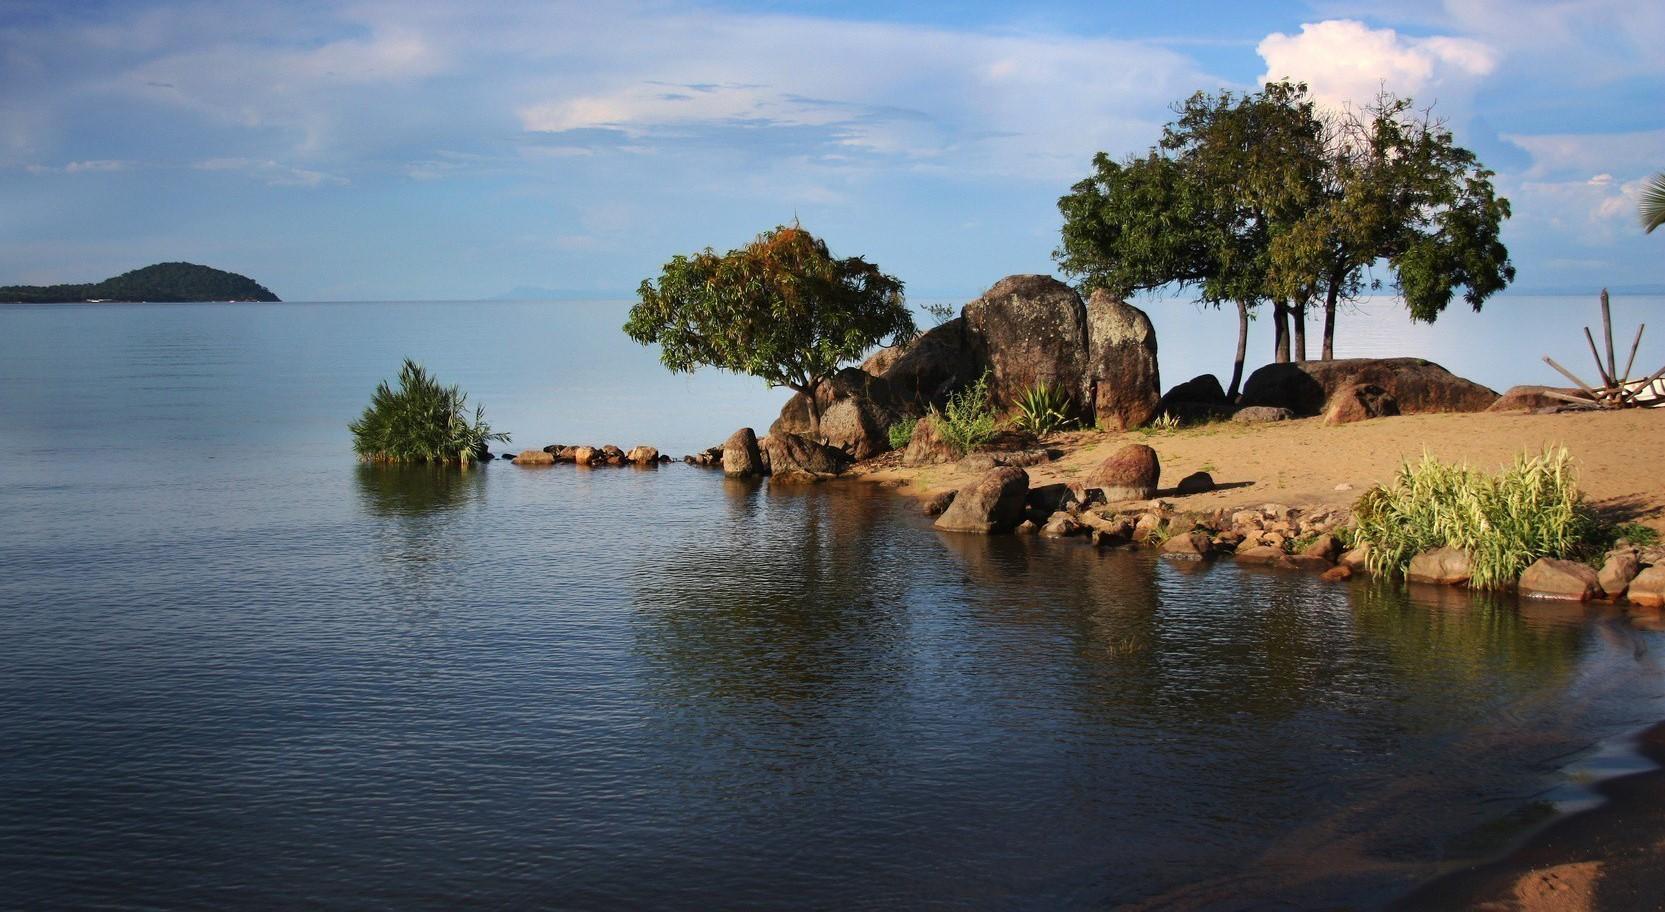 Het uitgestrekte Malawimeer heeft een breedte van 75 kilometer en een lengte van maar liefst 580 kilometer